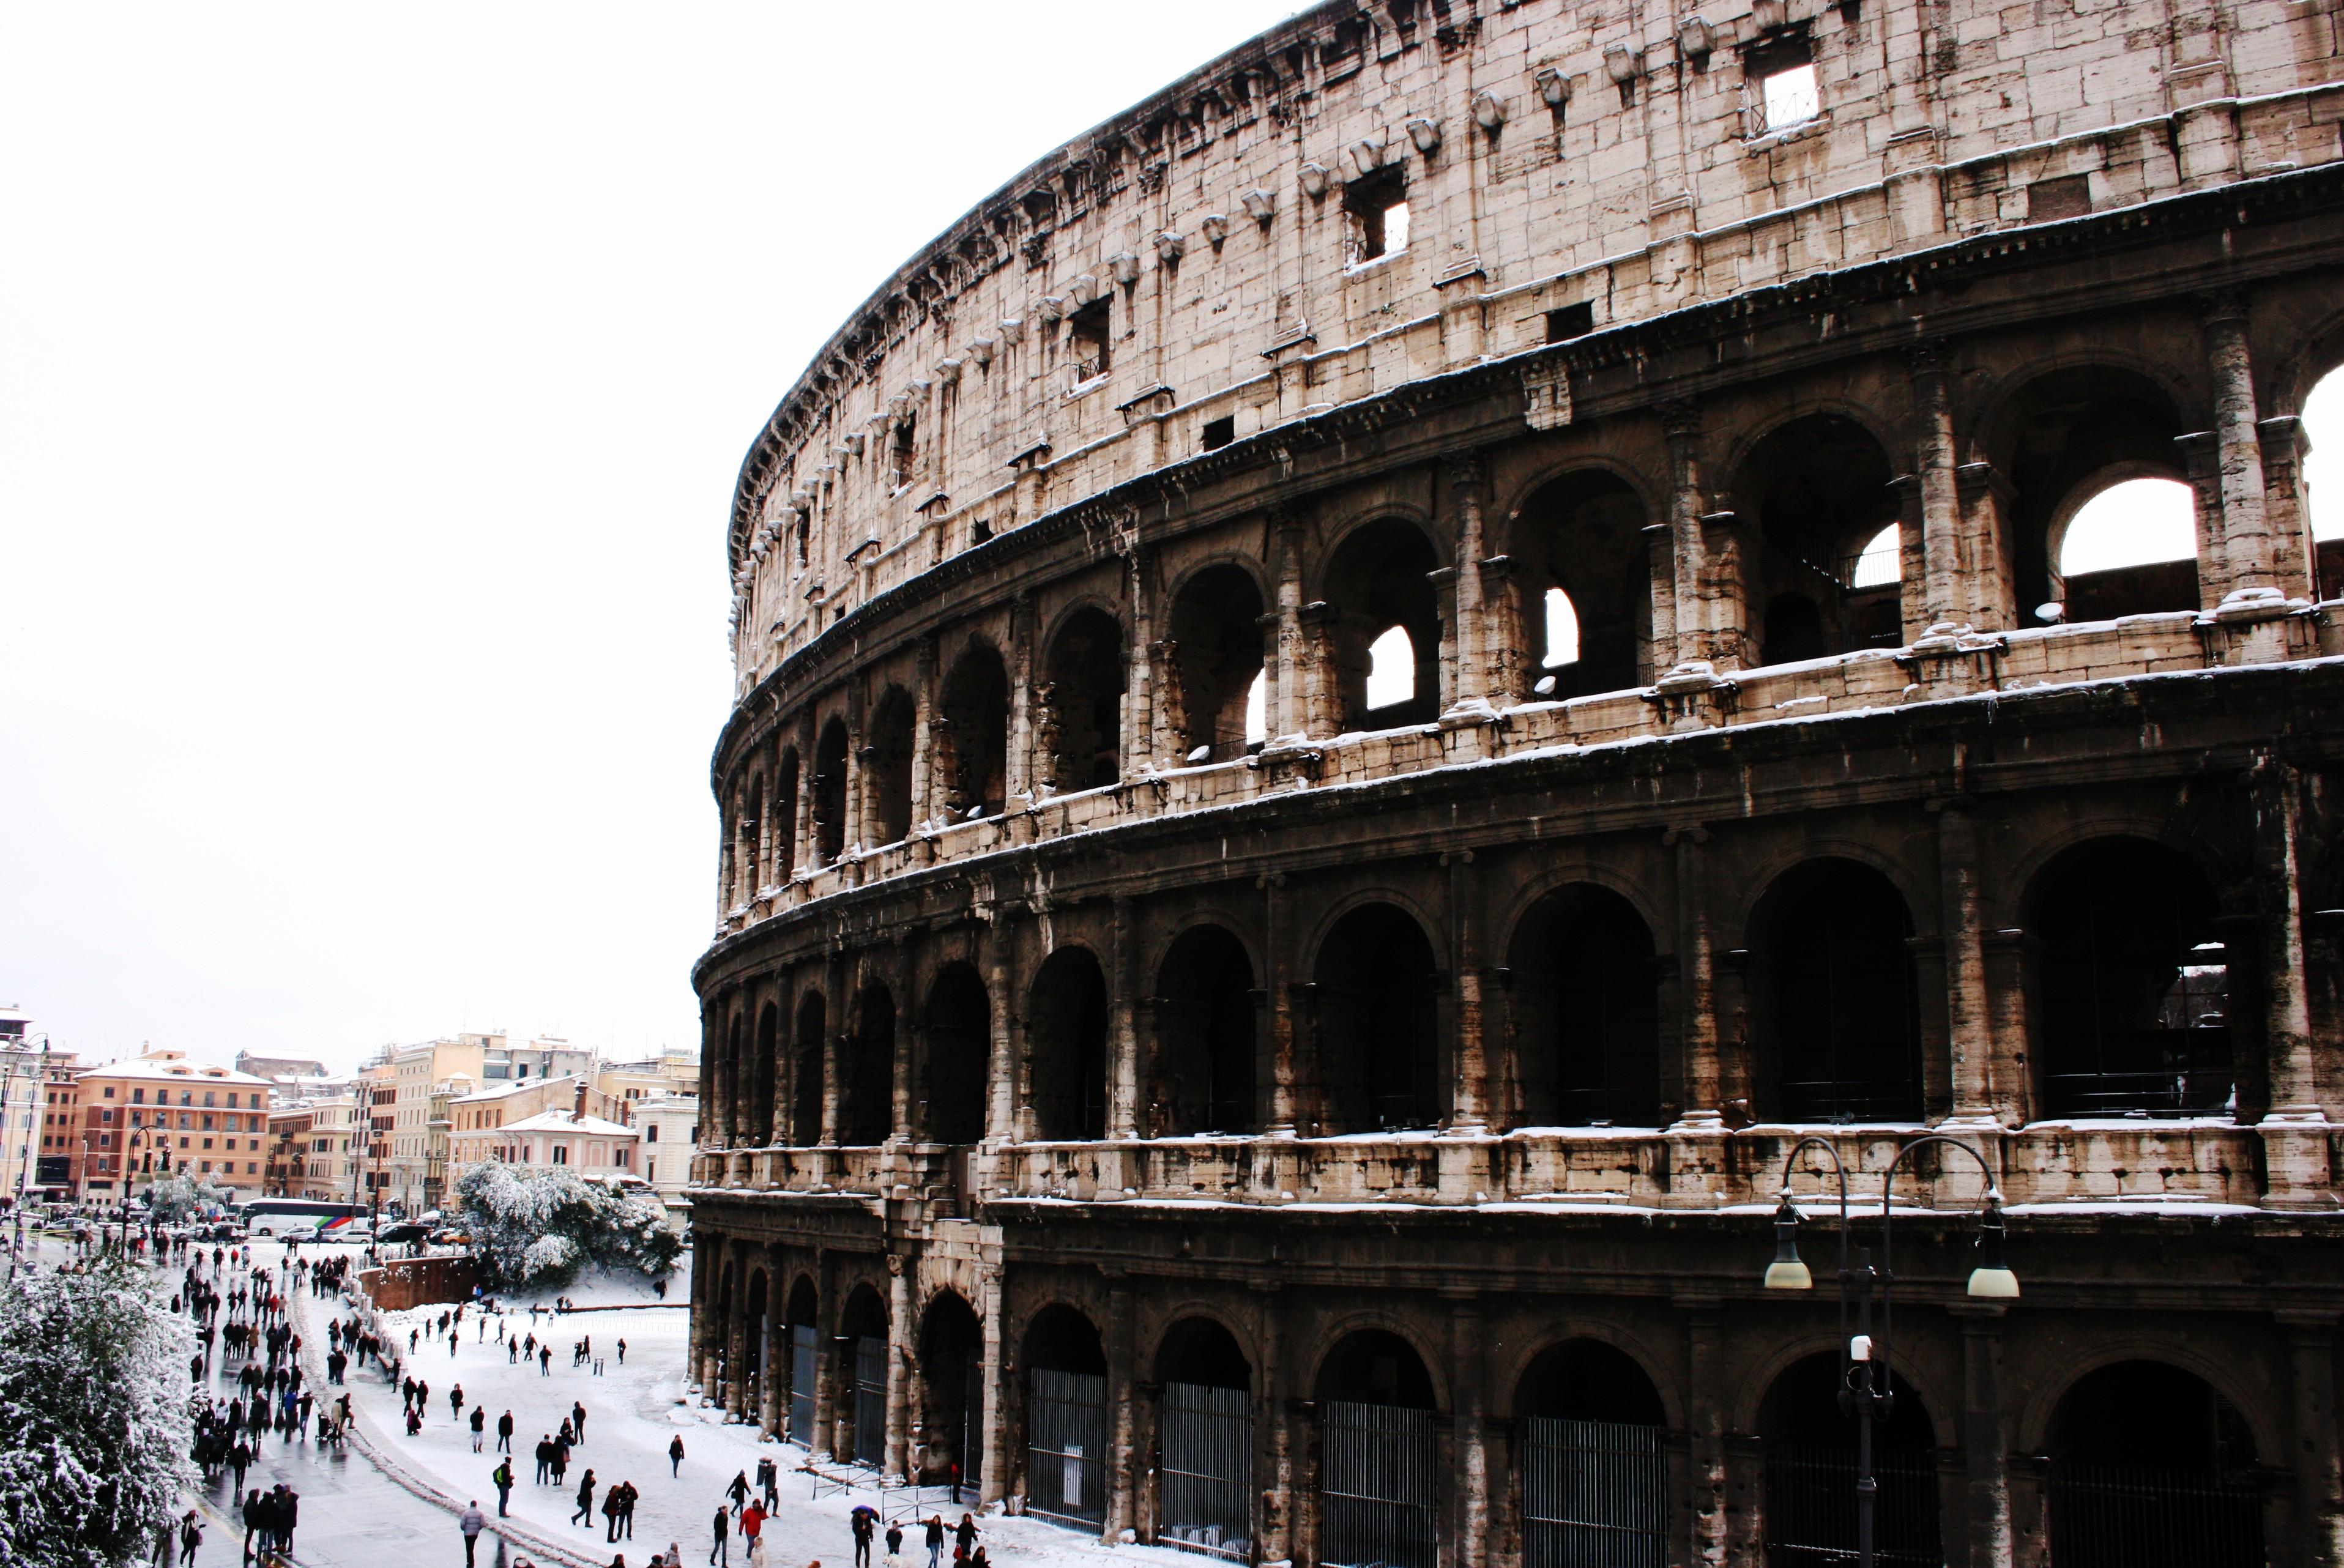 Sfondi punto di riferimento antica roma antica for Architettura classica